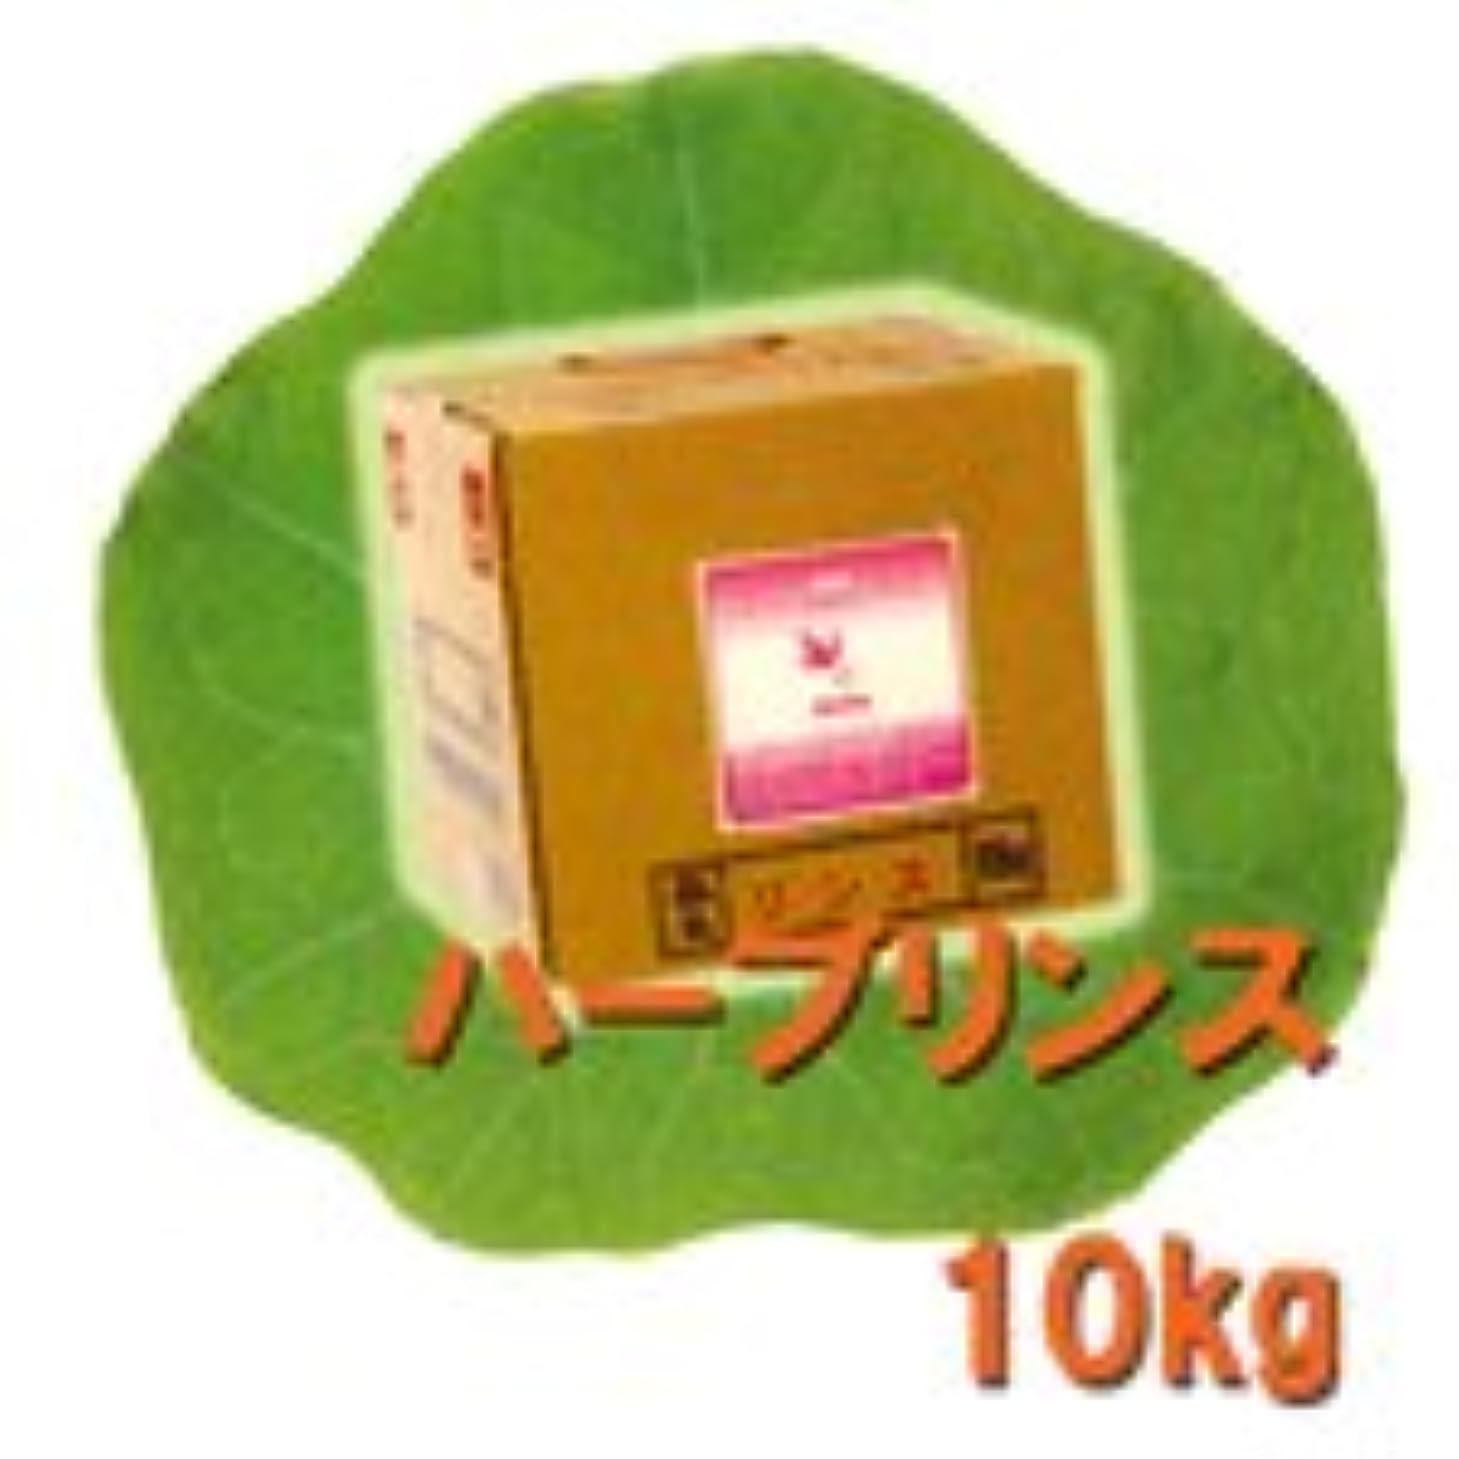 髄チャールズキージングマーティンルーサーキングジュニア中央有機化学 ハーブシリーズ ハーブリンス 10kg